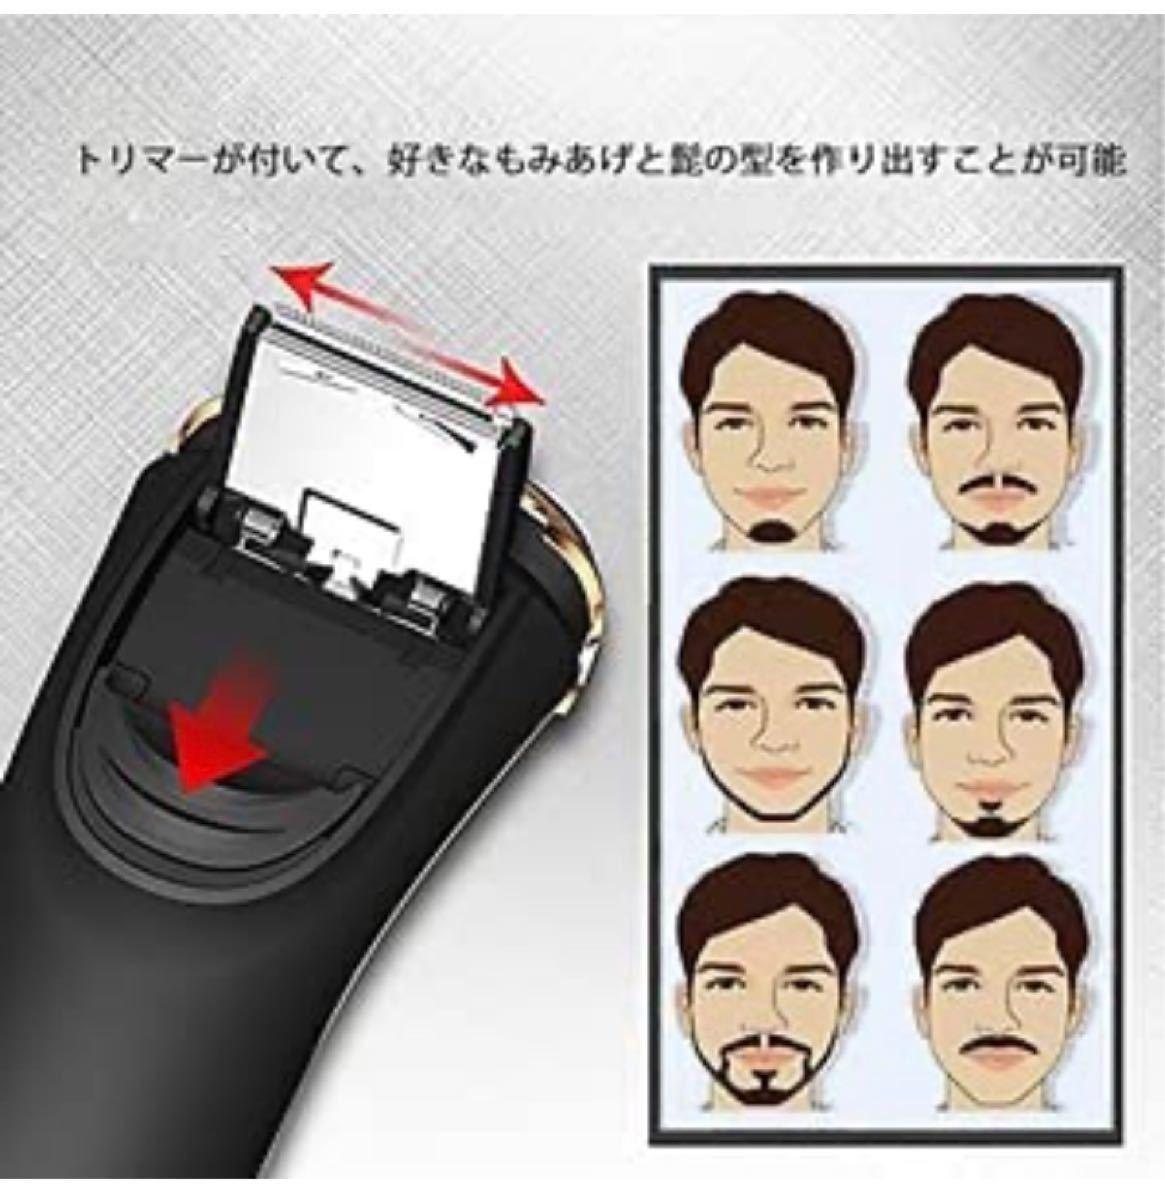 今日限定^_^電気シェーバー メンズ 髭剃り